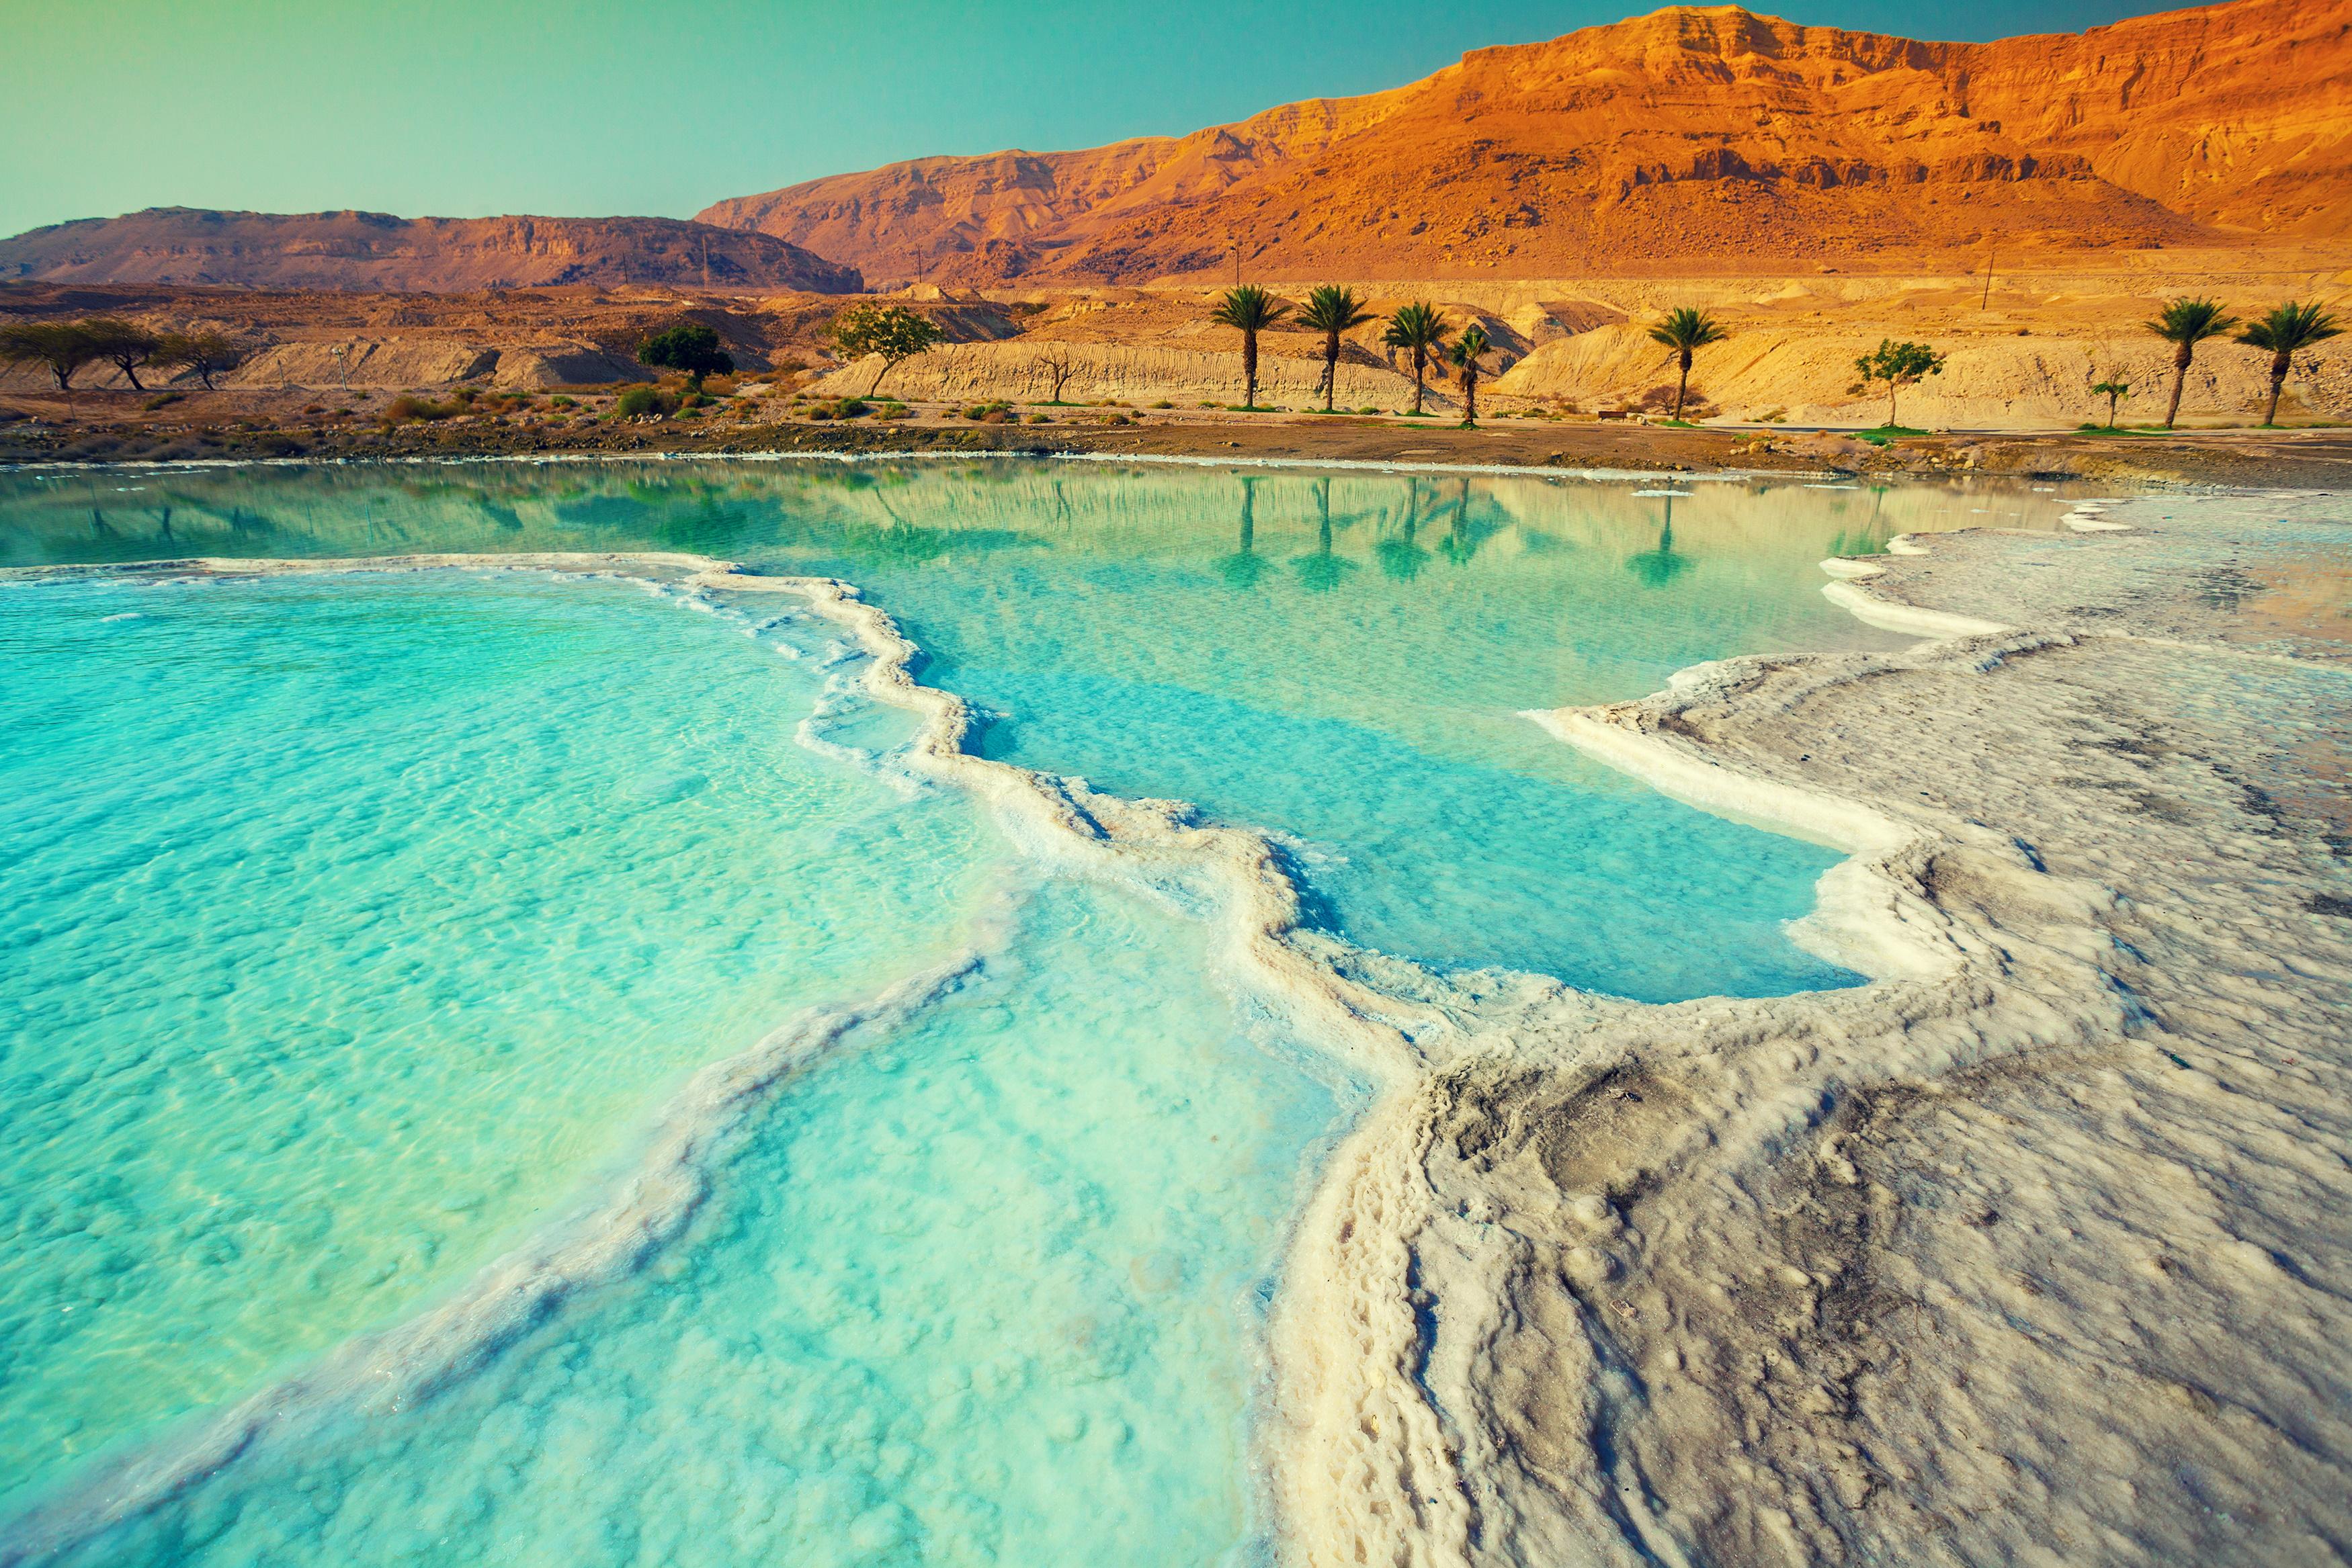 <p><strong>Мъртво море</strong></p>  <p>Нивото на Мъртво море спада с поне един метър на година. Експертите се опасяват, че то ще изчезне напълно, ако хората продължат да отклоняват потока на река Йордан &ndash; единственият източник на вода в Мъртво море.</p>